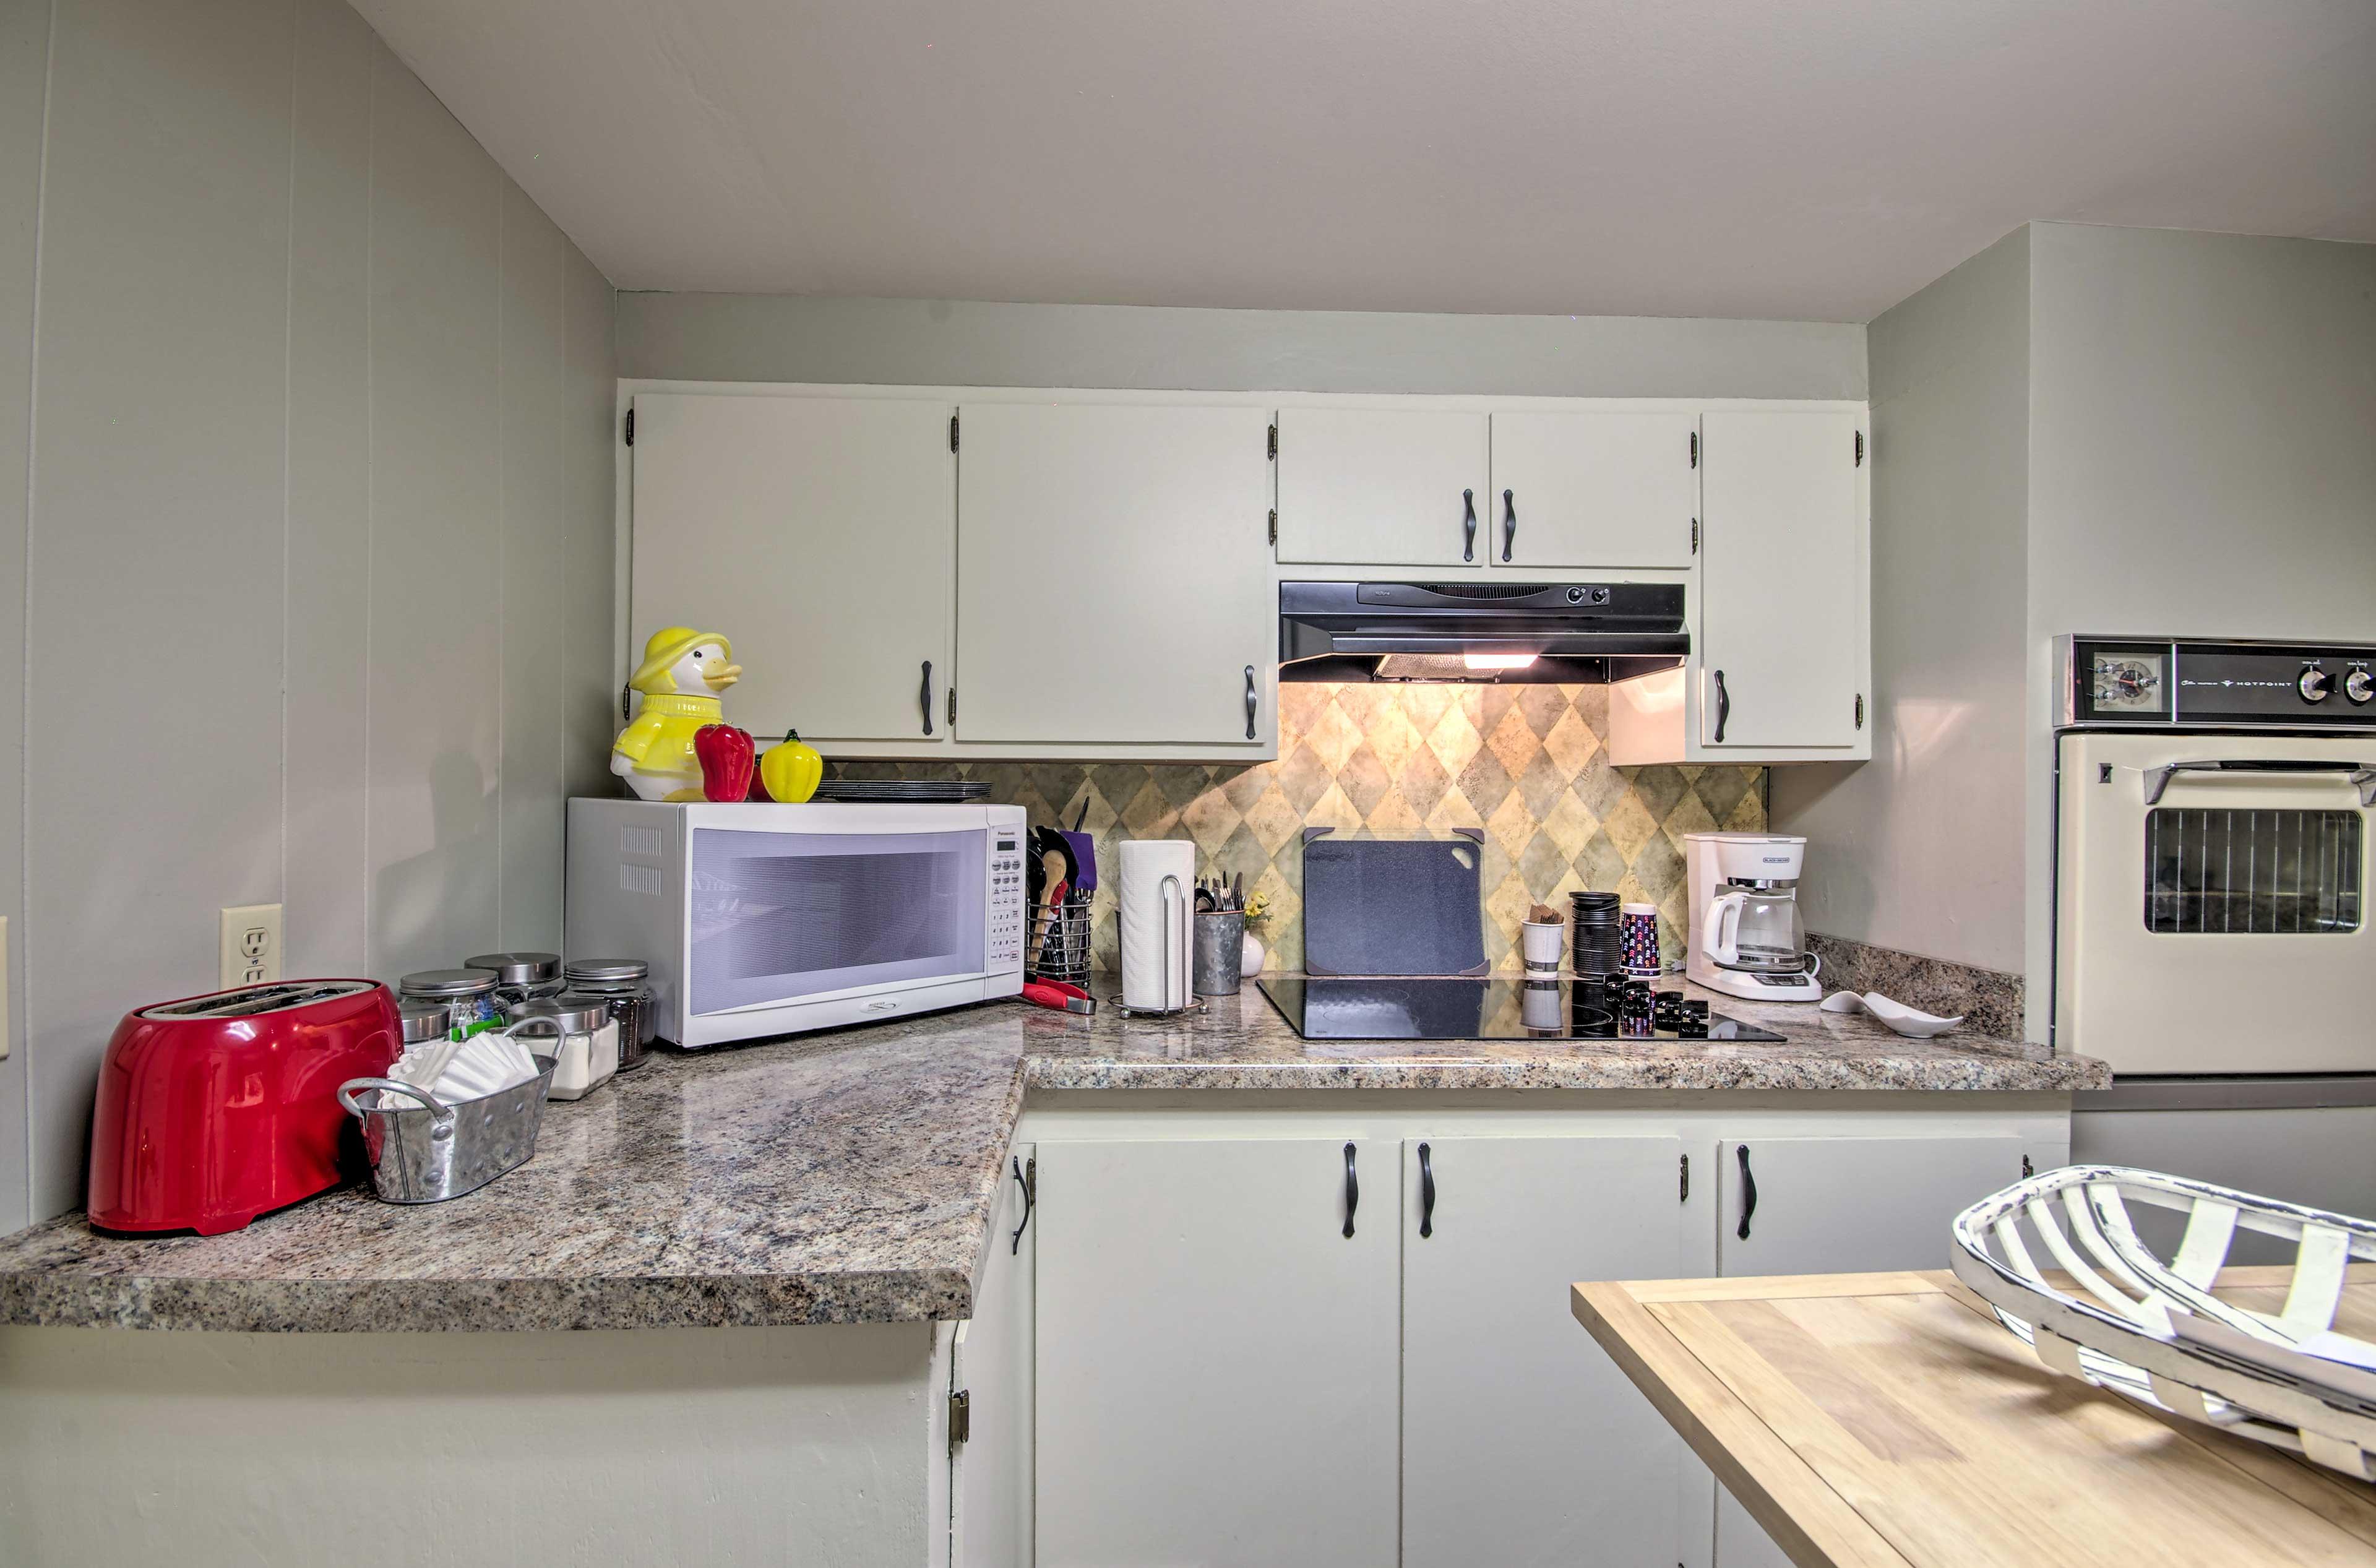 Utilize the kitchen island and granite countertops.